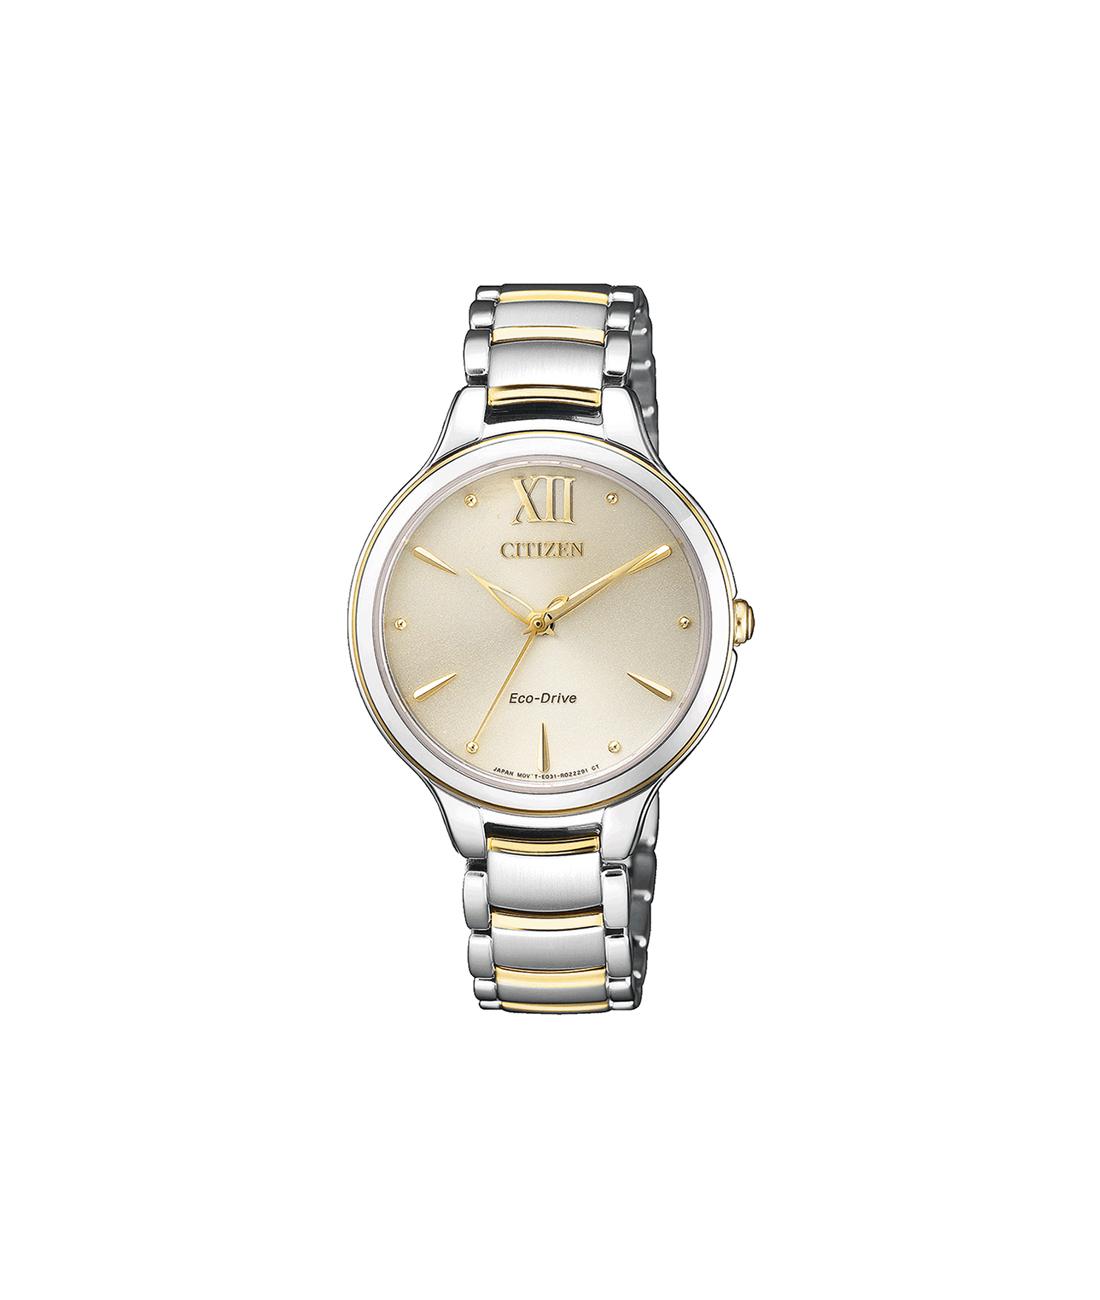 Zegarek Citizen Eco-Drive EM0554-82X w atrakcyjnej cenie ... 4016e321be